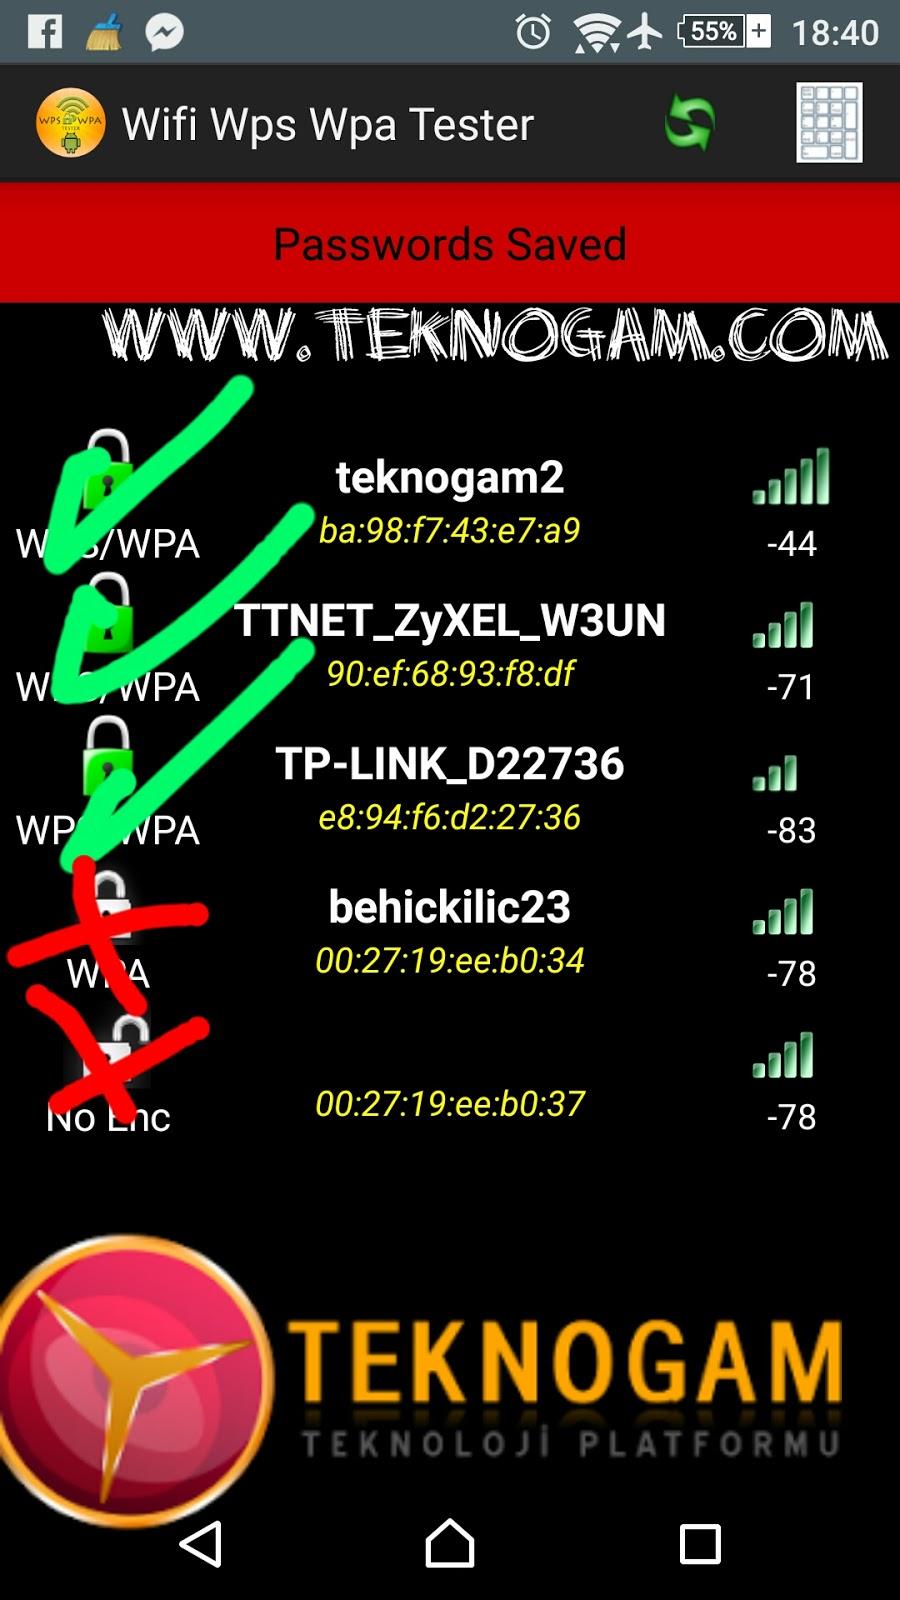 Telefondan Ve Bilgisayardan Wi-Fi Kırma [ Detaylı Anlatım ...